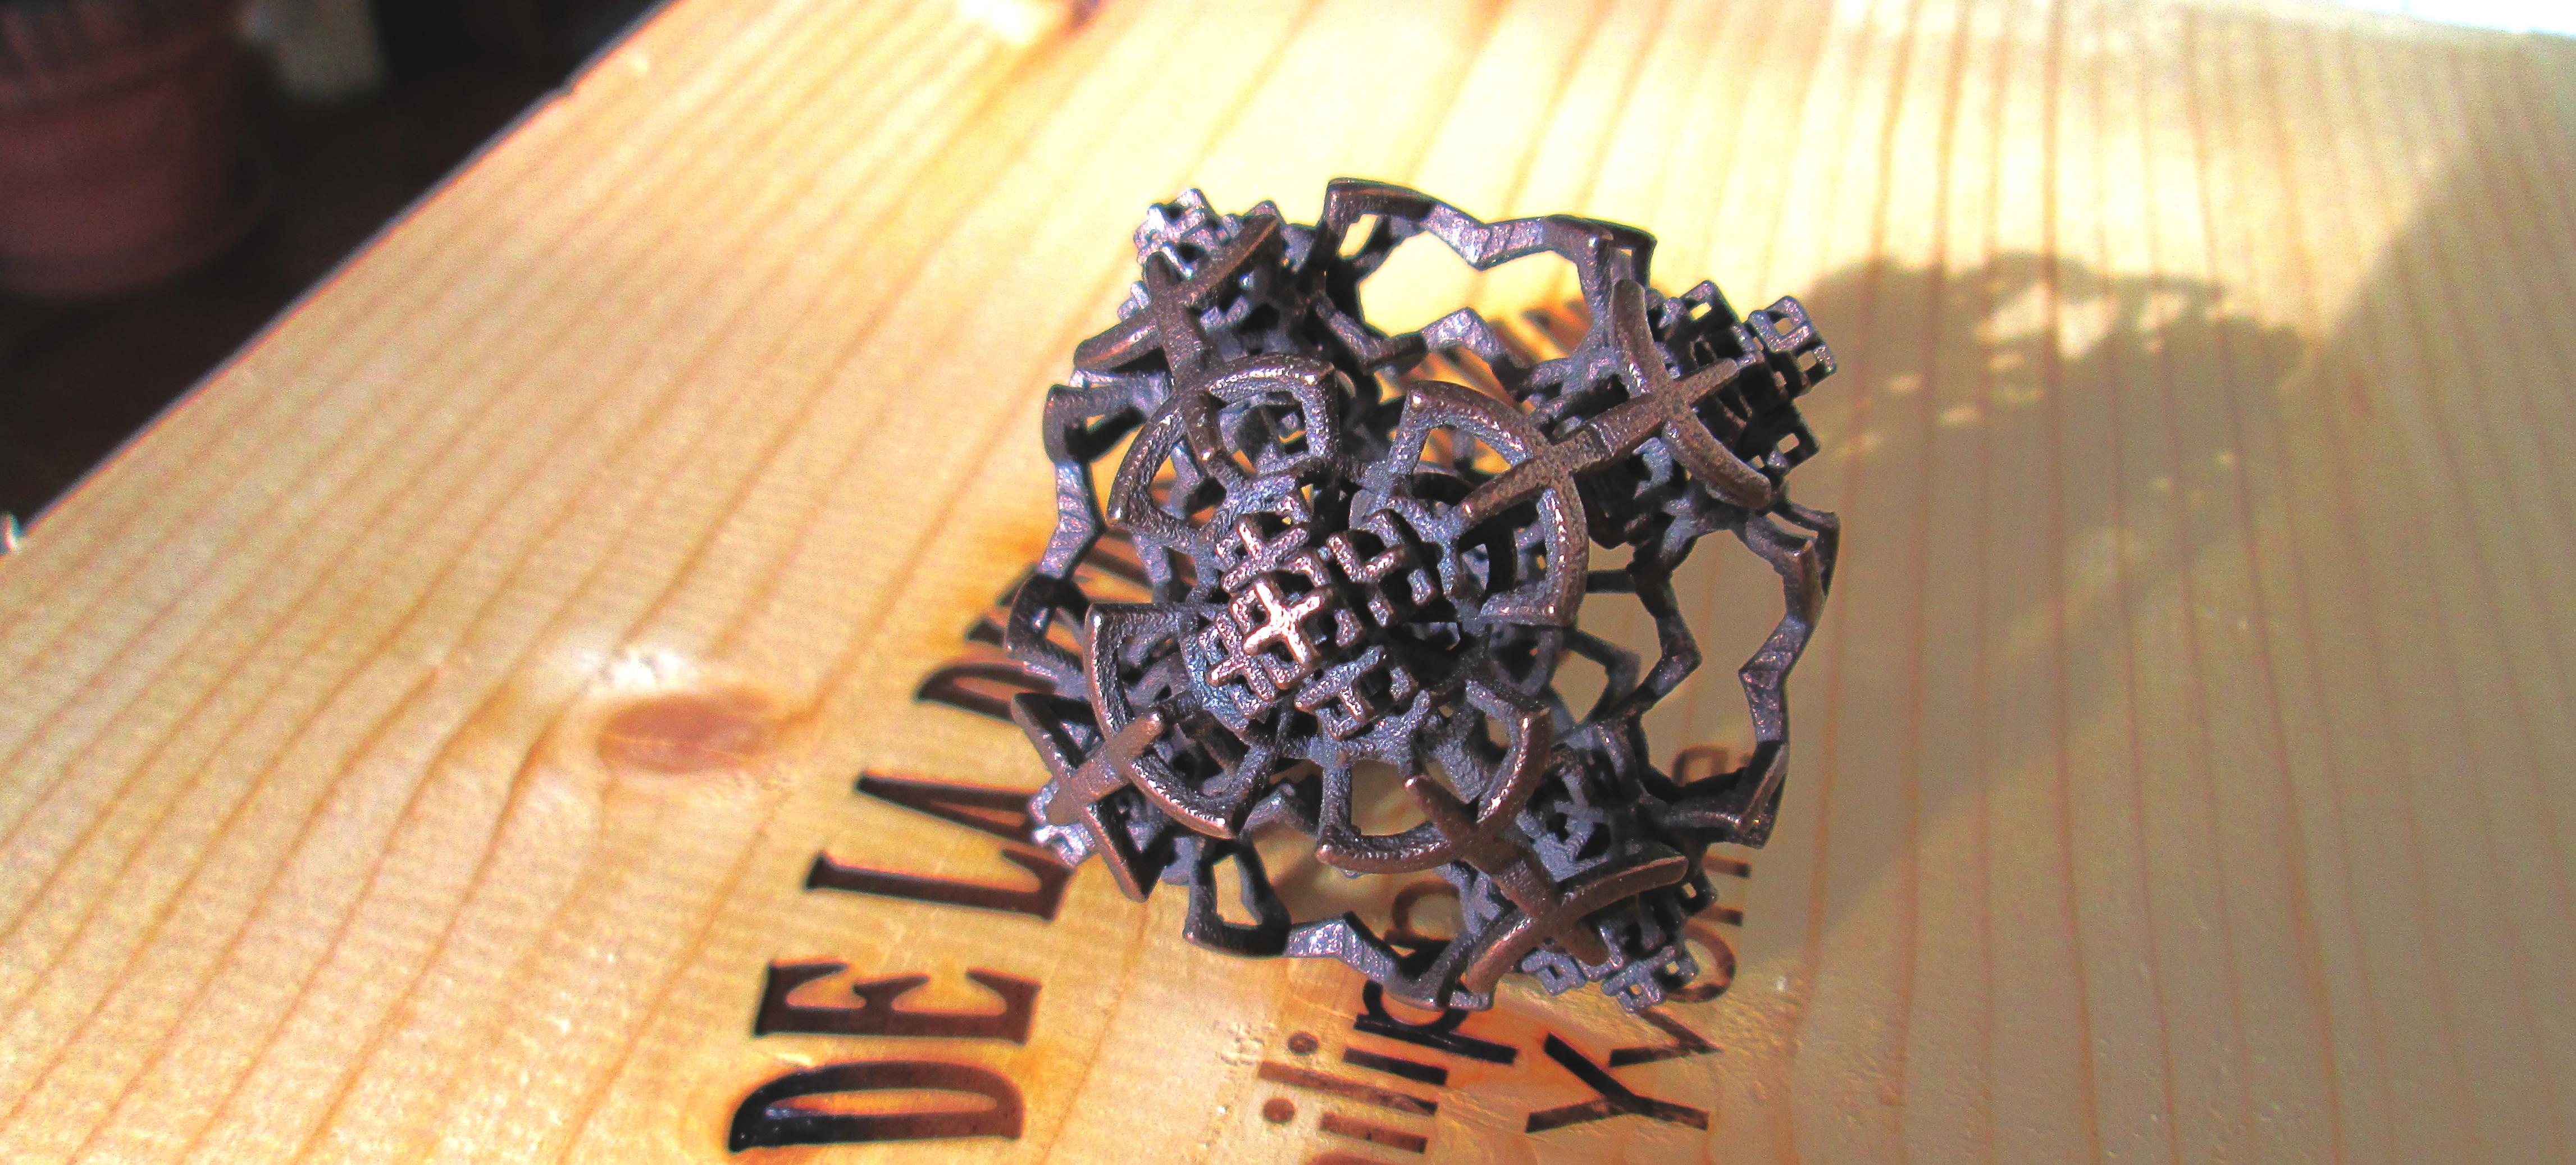 Fractal 3D Printed Steel